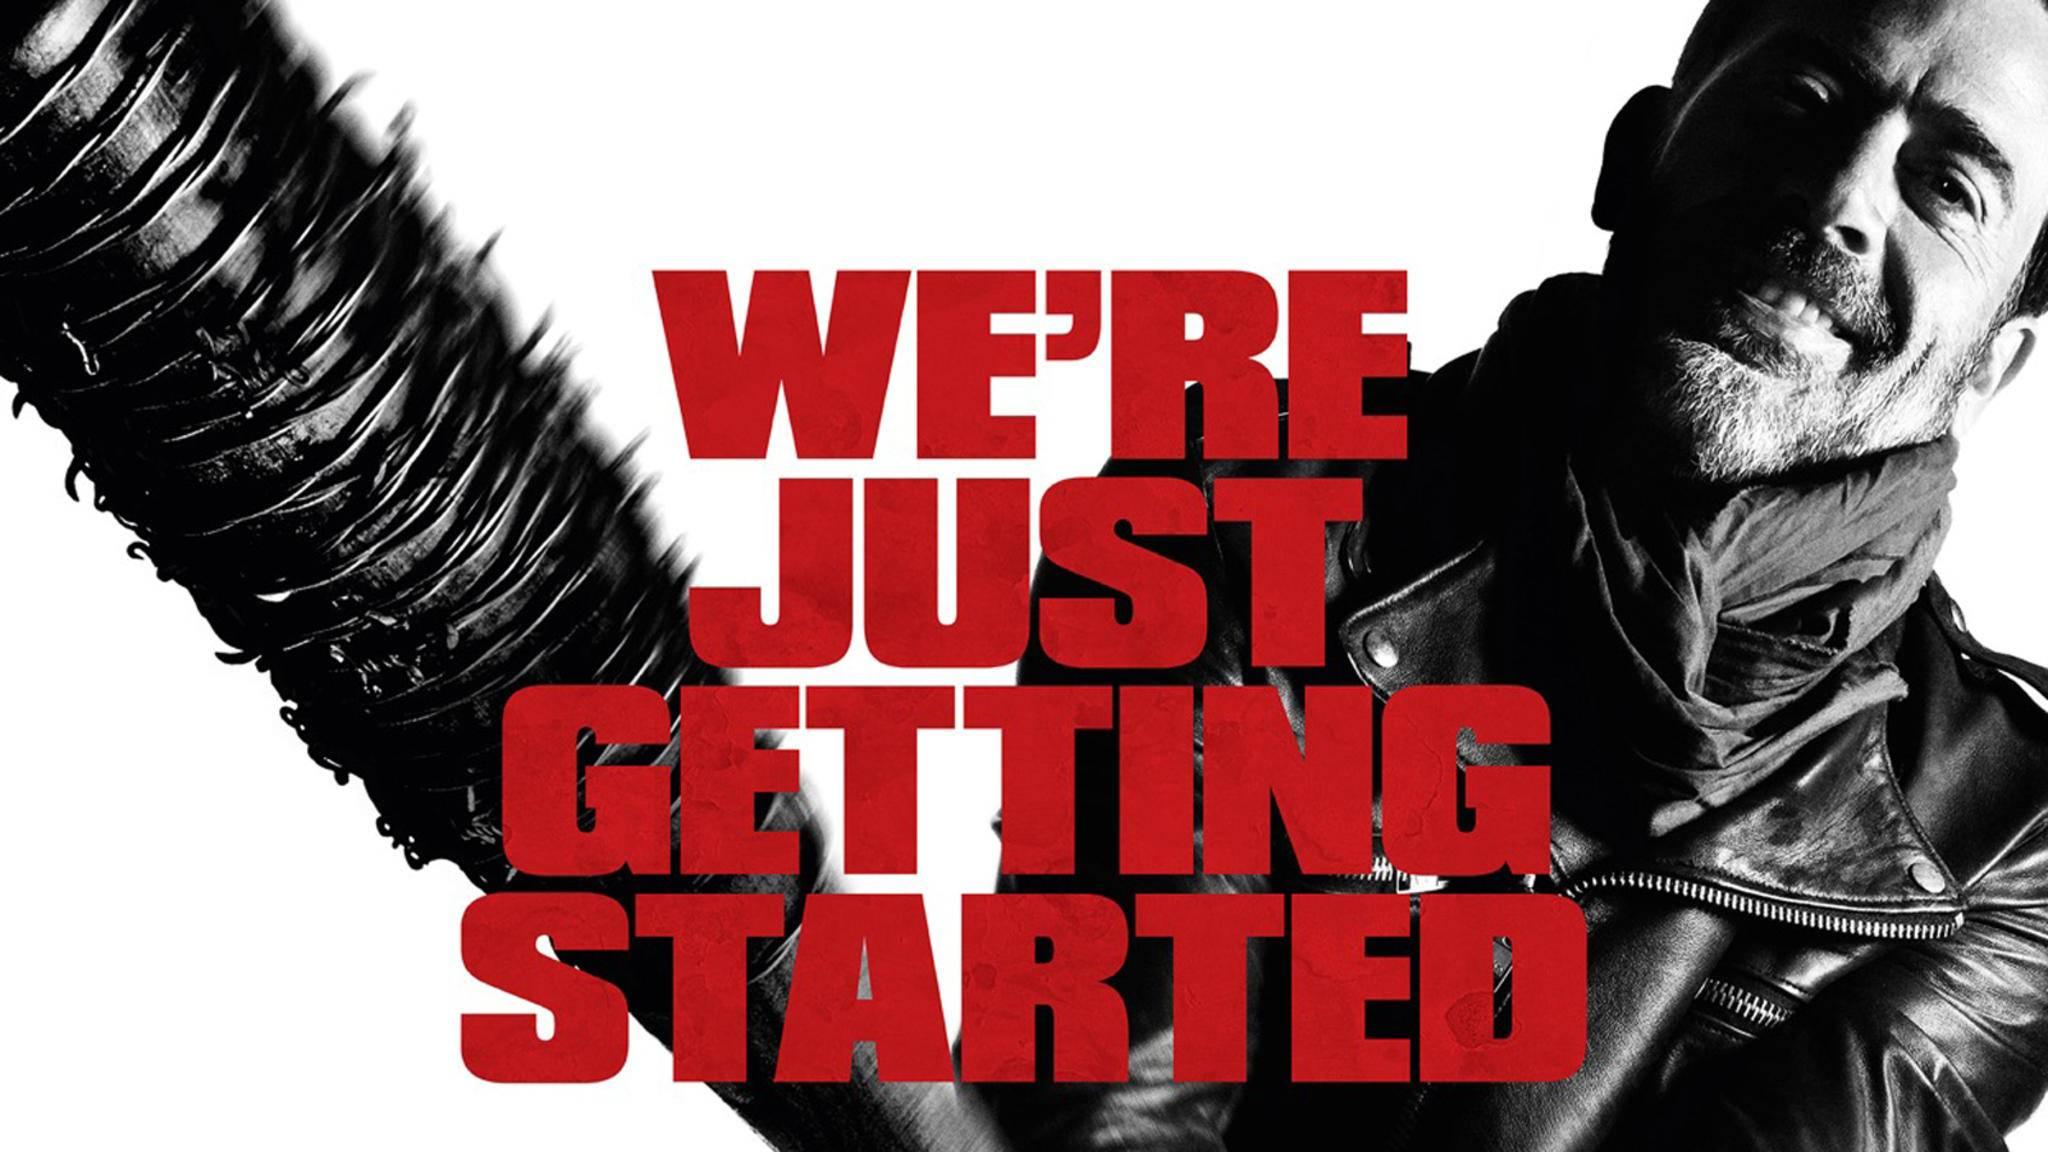 """Gleich mit seiner ersten Szene hat Negan in """"The Walking Dead"""" für einen erinnerungswürdigen Moment gesorgt."""